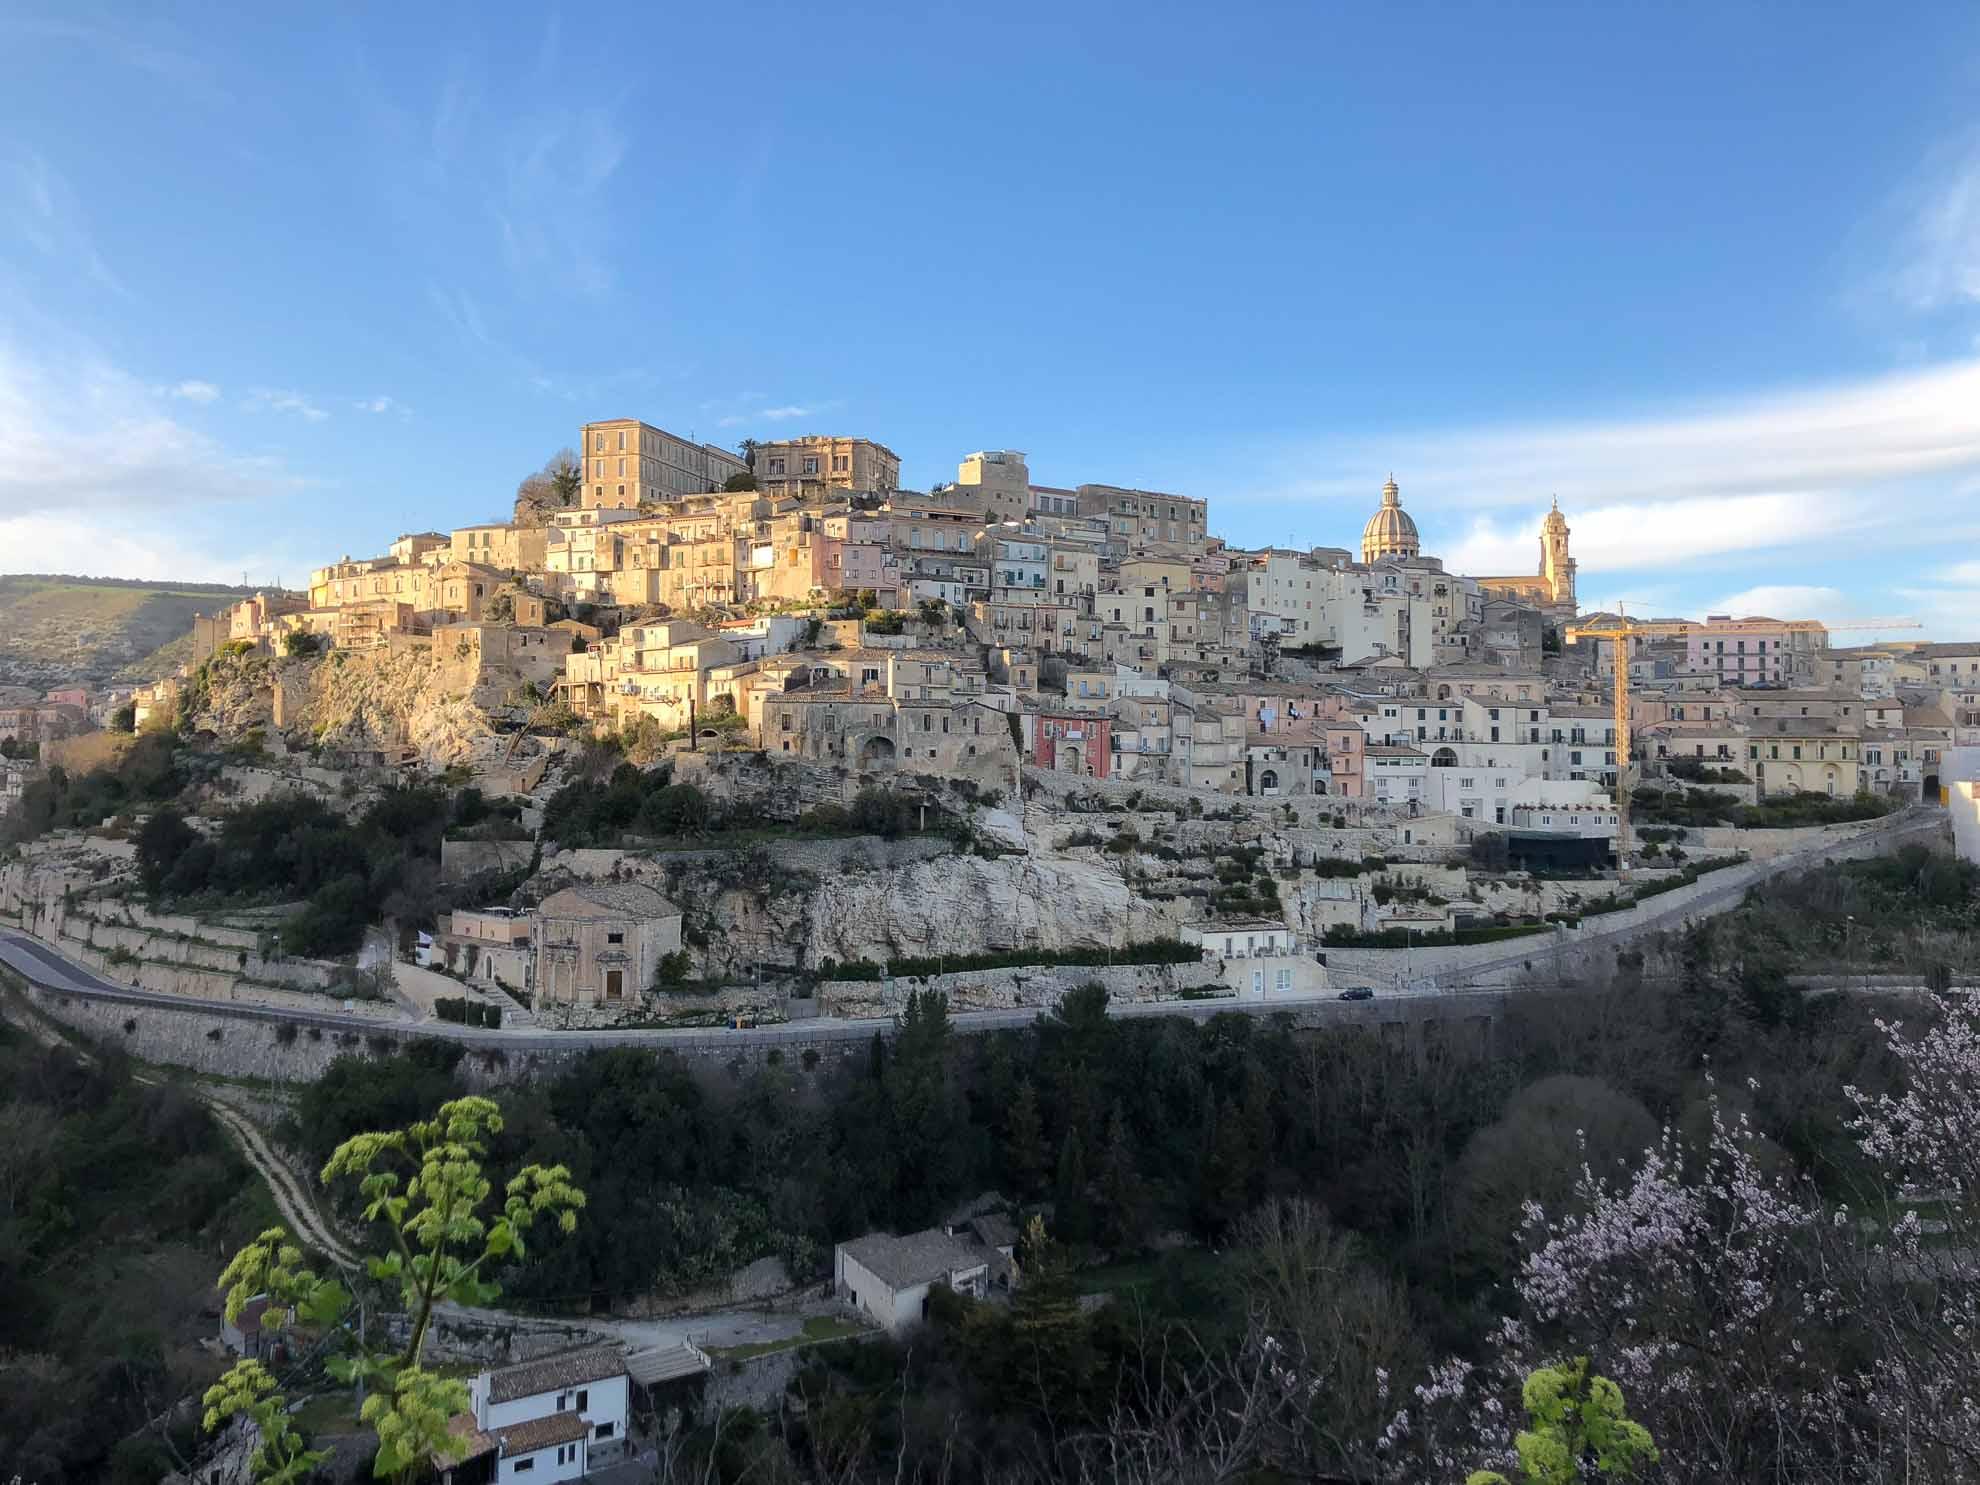 Noto und Ragusa sind UNESCO-Welterbe. Ragusa teilt sich in eine Oberstadt (Ragusa Superiore) und eine Unterstadt (Ragusa Ibla).